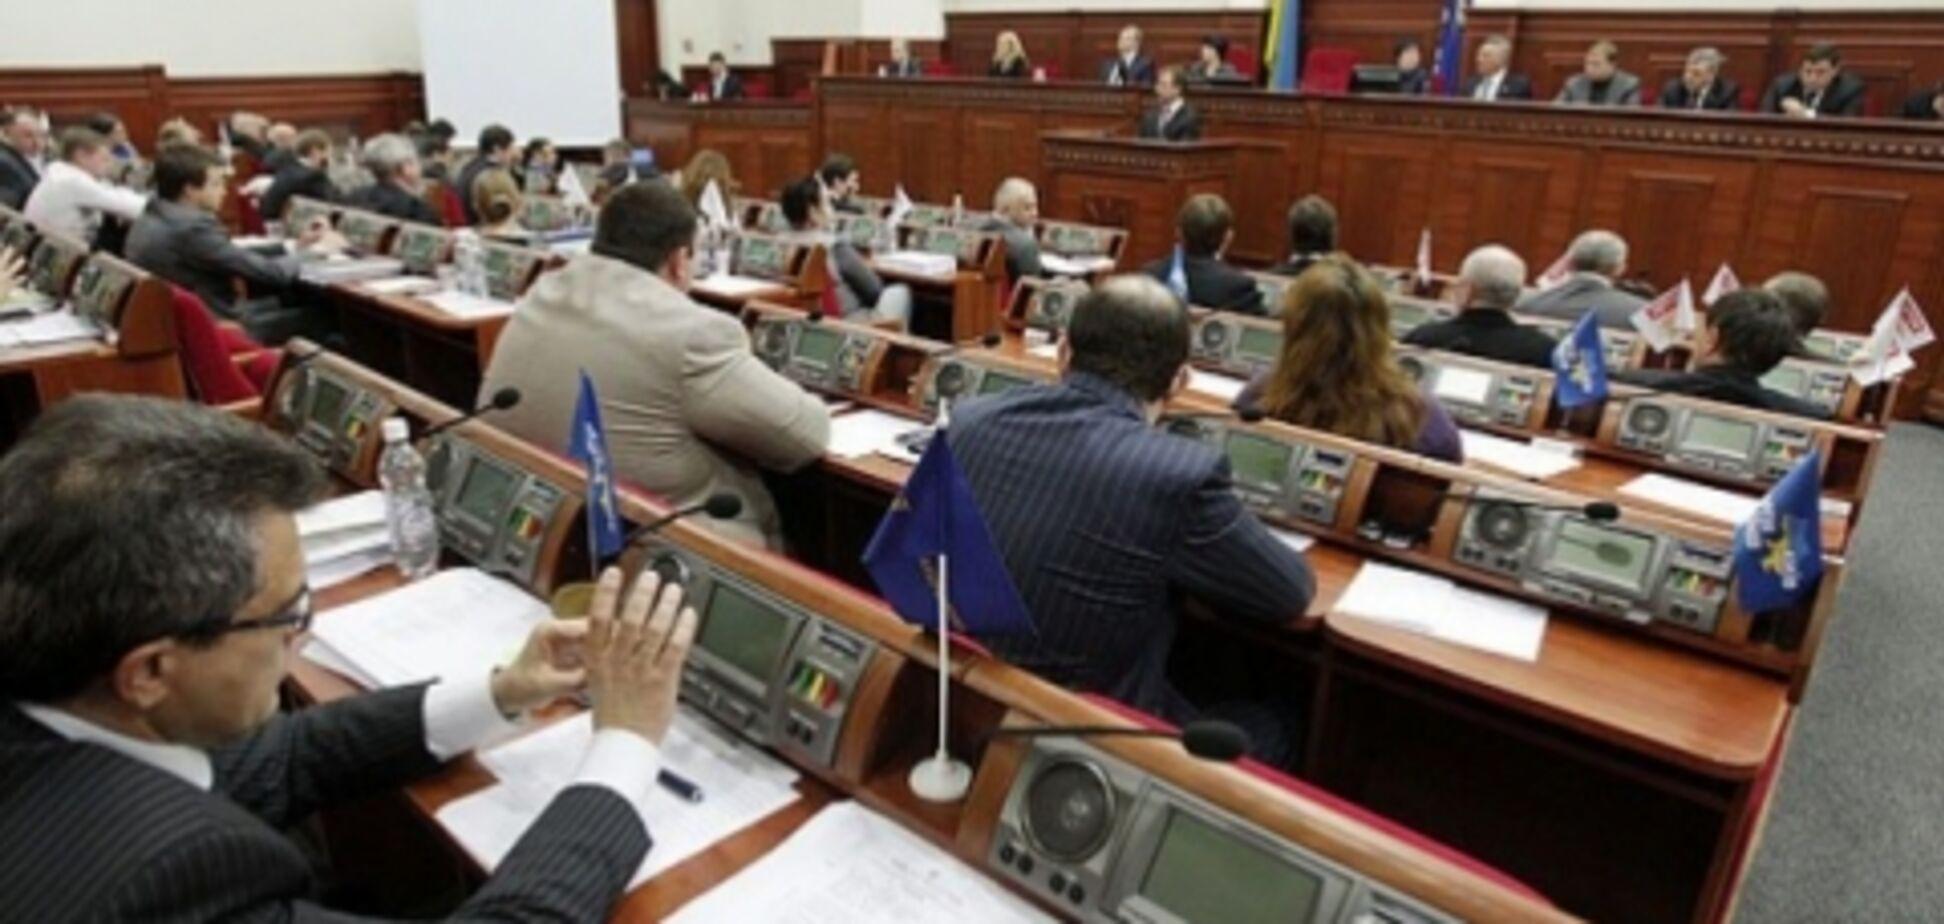 Нелегально добували пісок: у Києві розірвали скандальний договір оренди із ''Мостобудом''